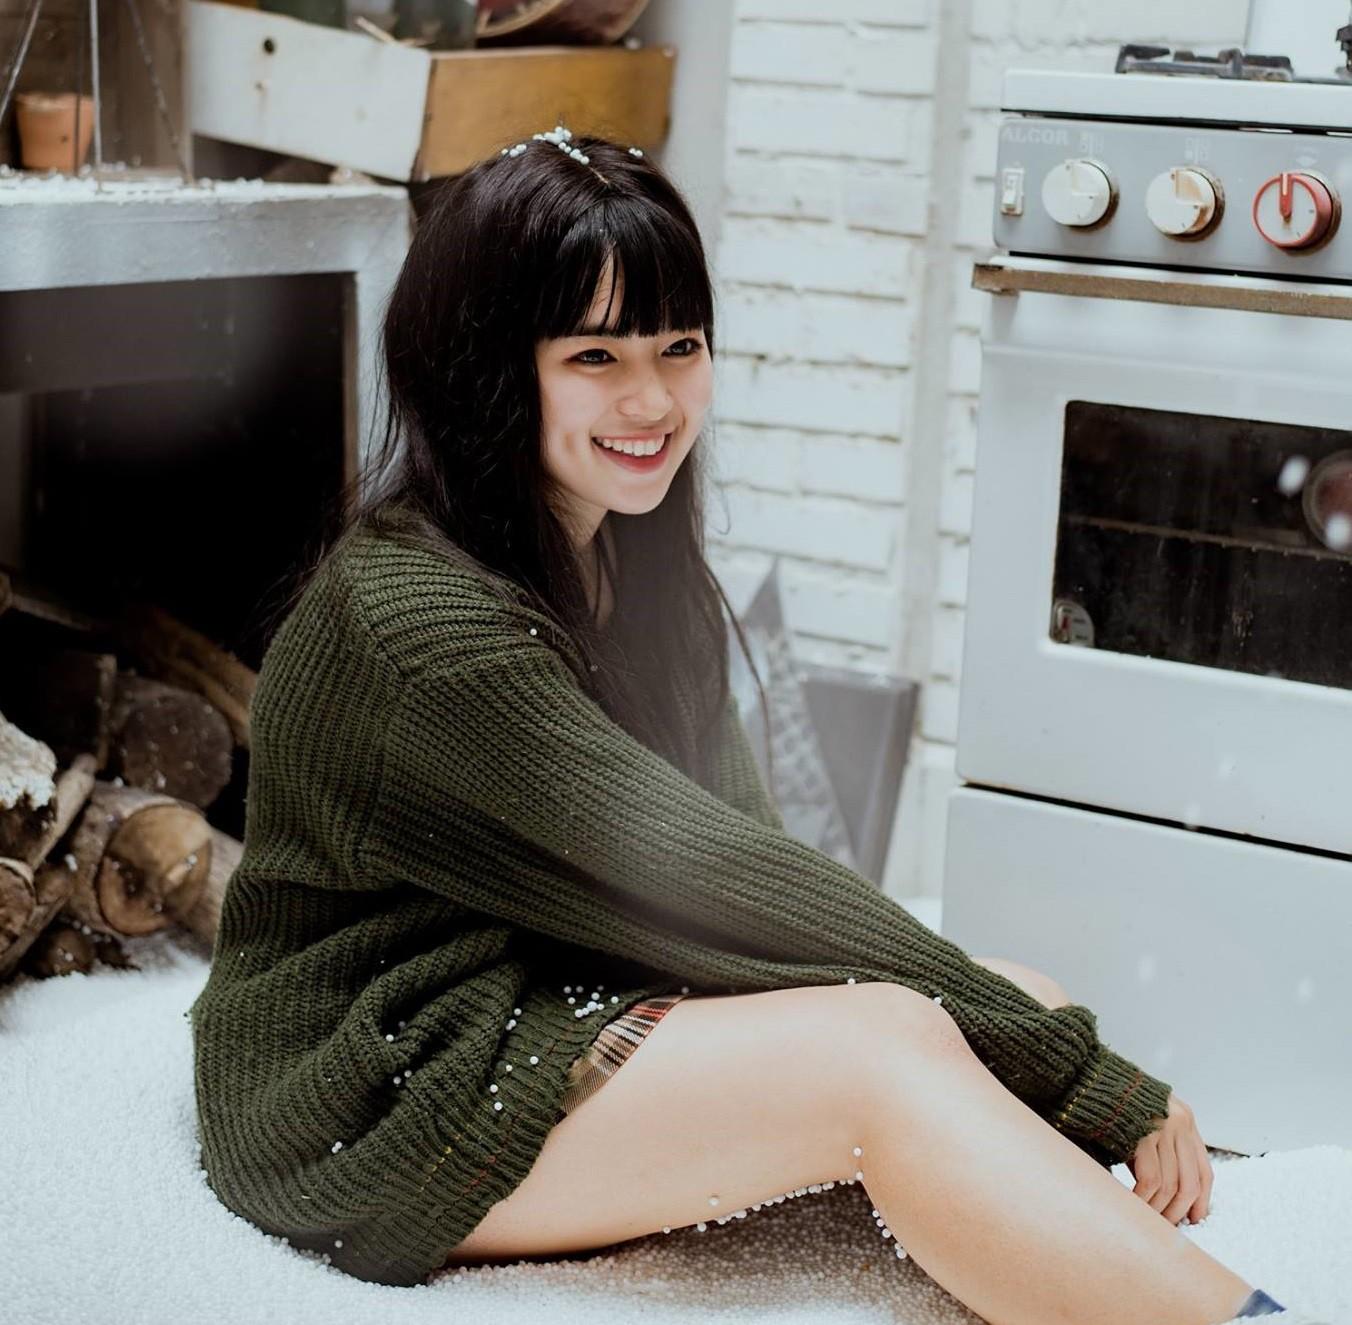 Sắp có một thế hệ hot girl cực xinh được phát hiện nhờ tham gia phim sitcom - Ảnh 2.